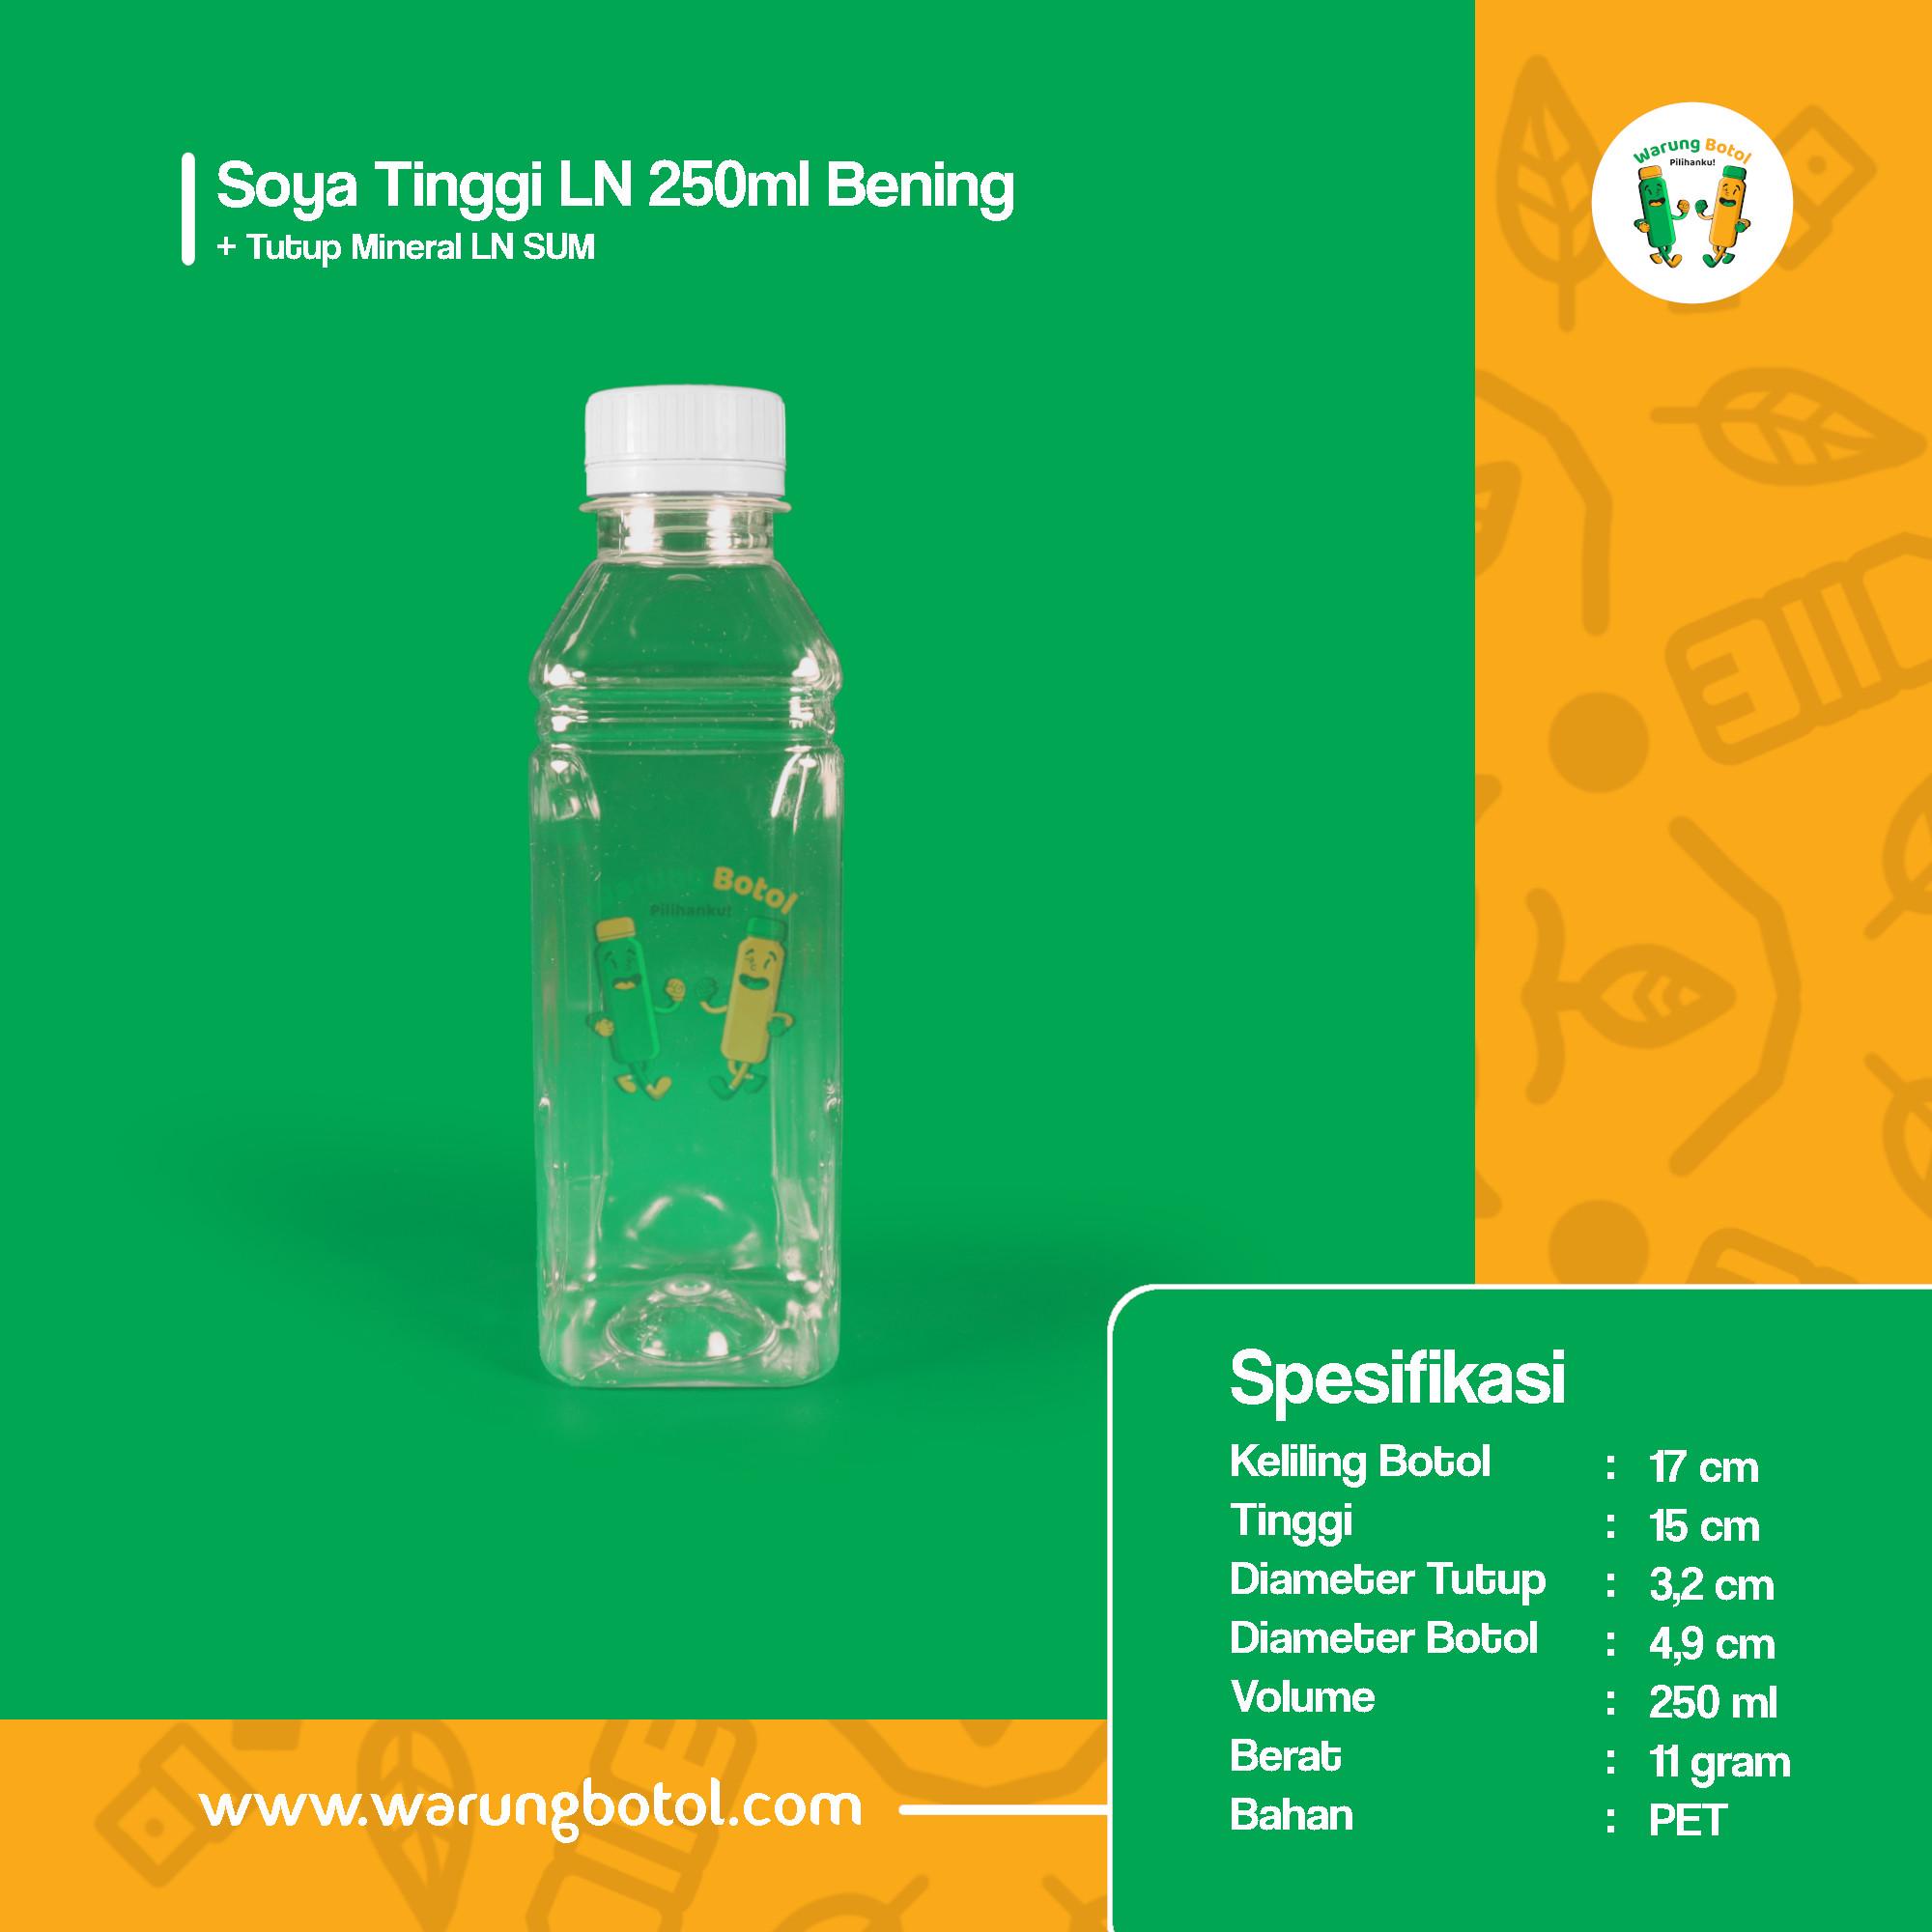 distributor jual botol palastik murah dan unik 250ml untuk kopi, sirup, jus, minuman, susu soda boba terdekat di bandung jakarta bekasi bogor